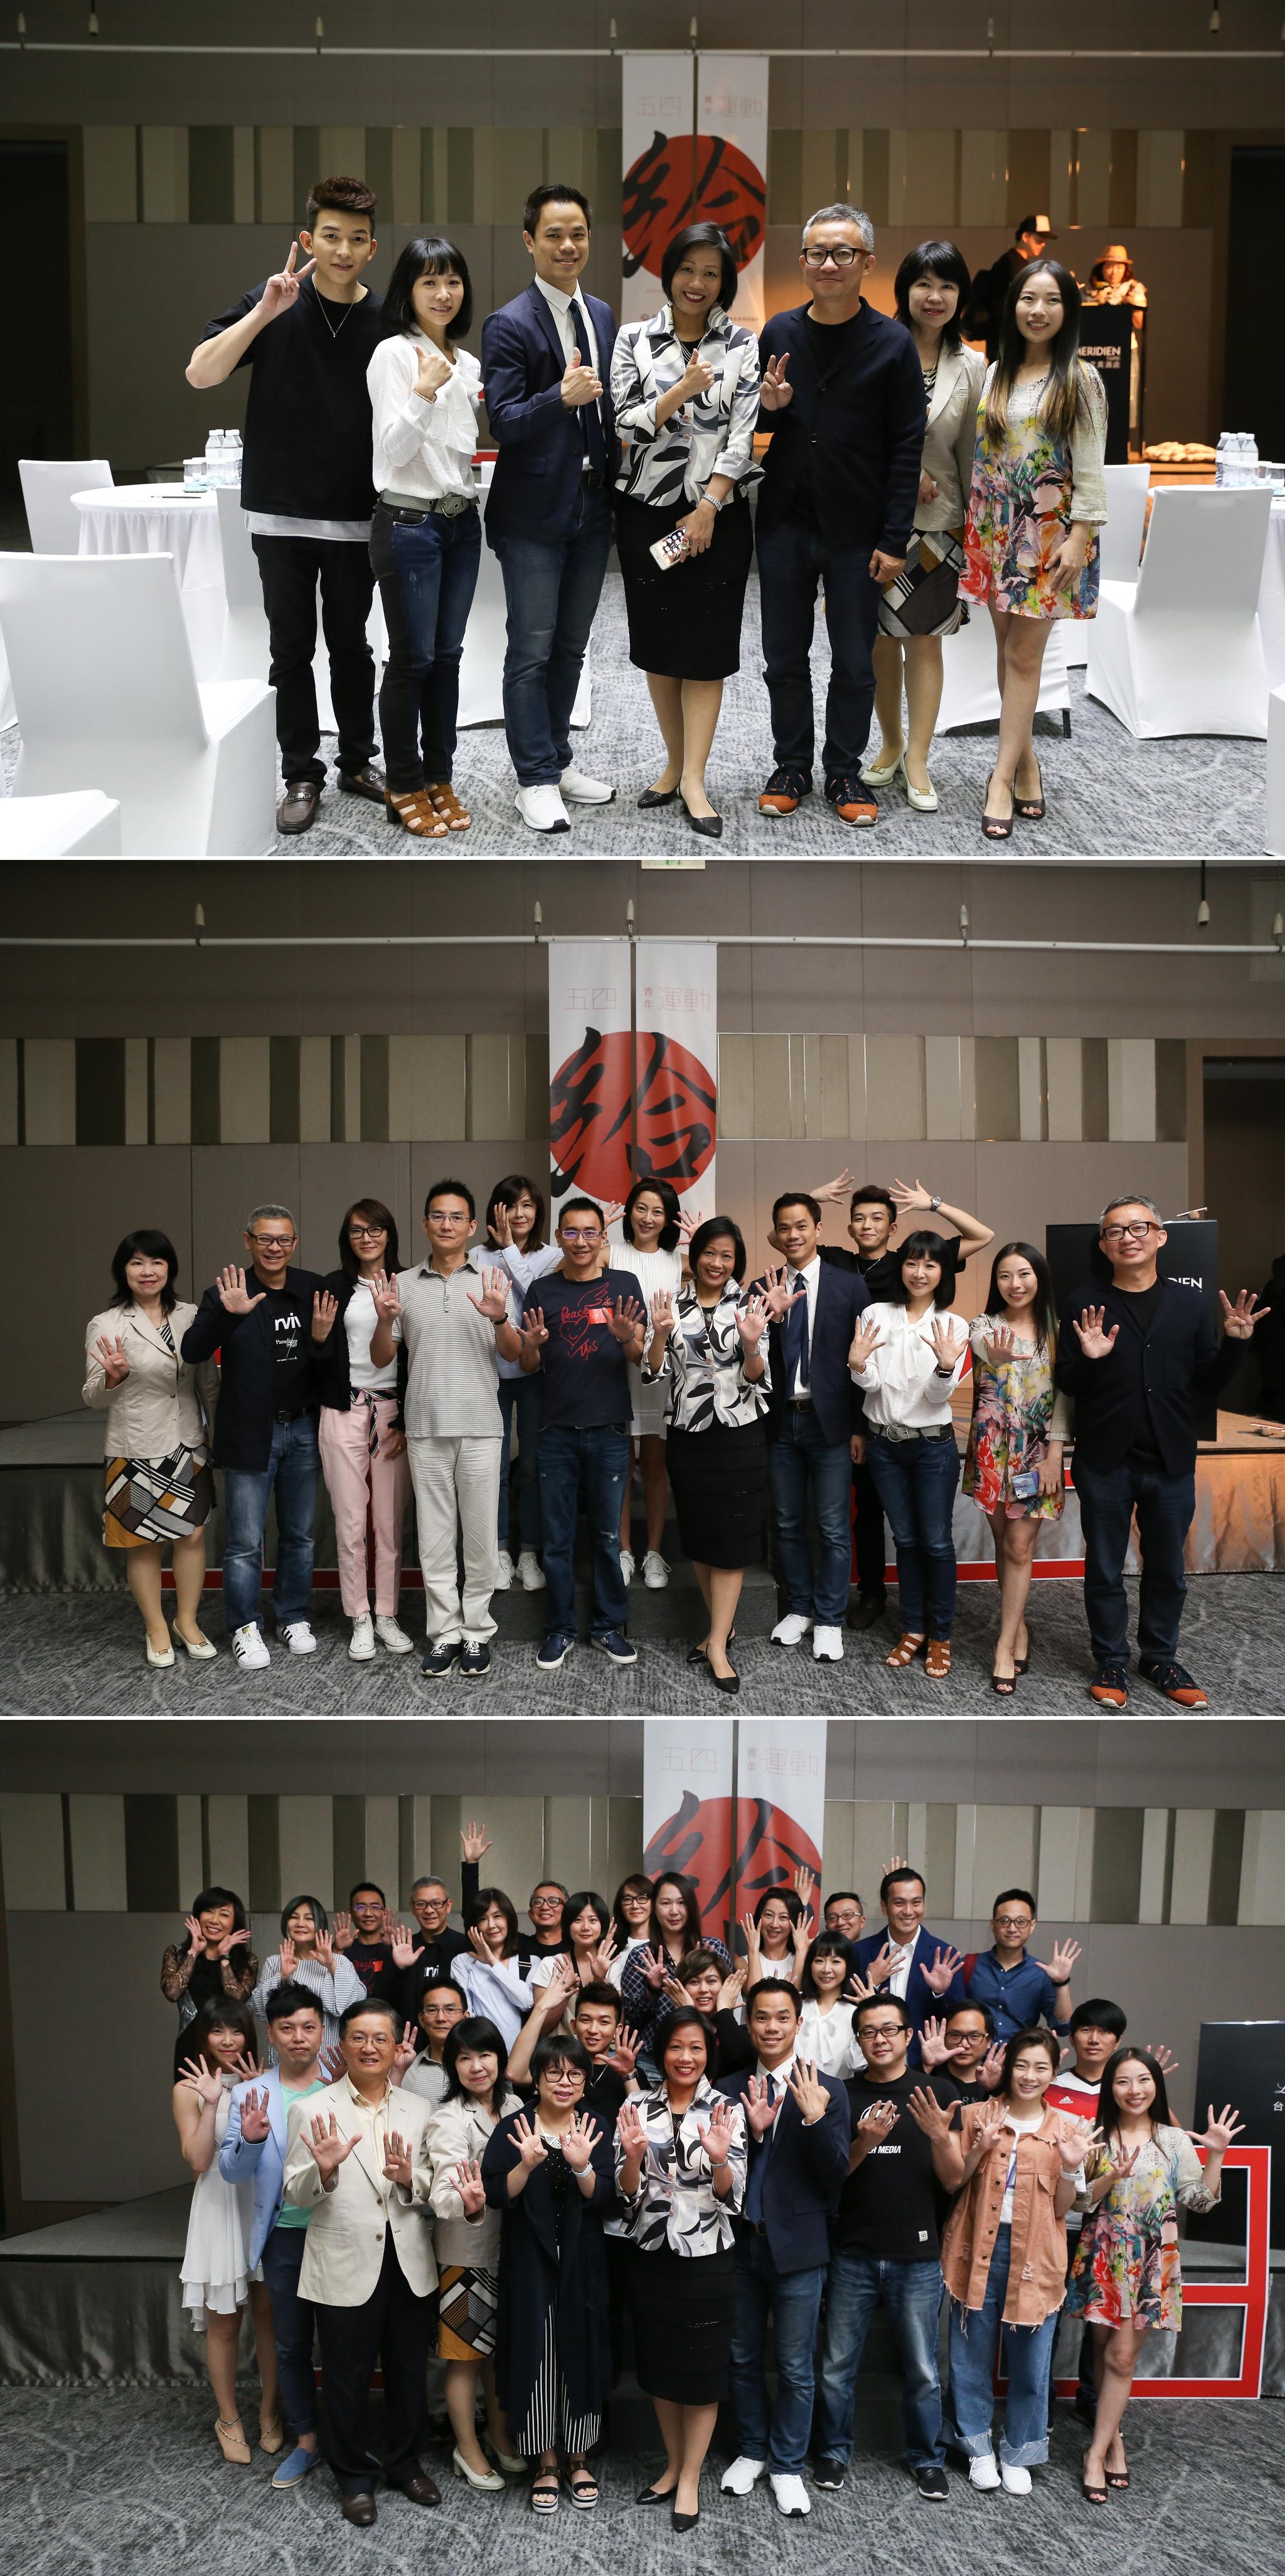 五四青年運動-event-記者會-寒舍艾美酒店-lemeridien-taipei-16.jpg